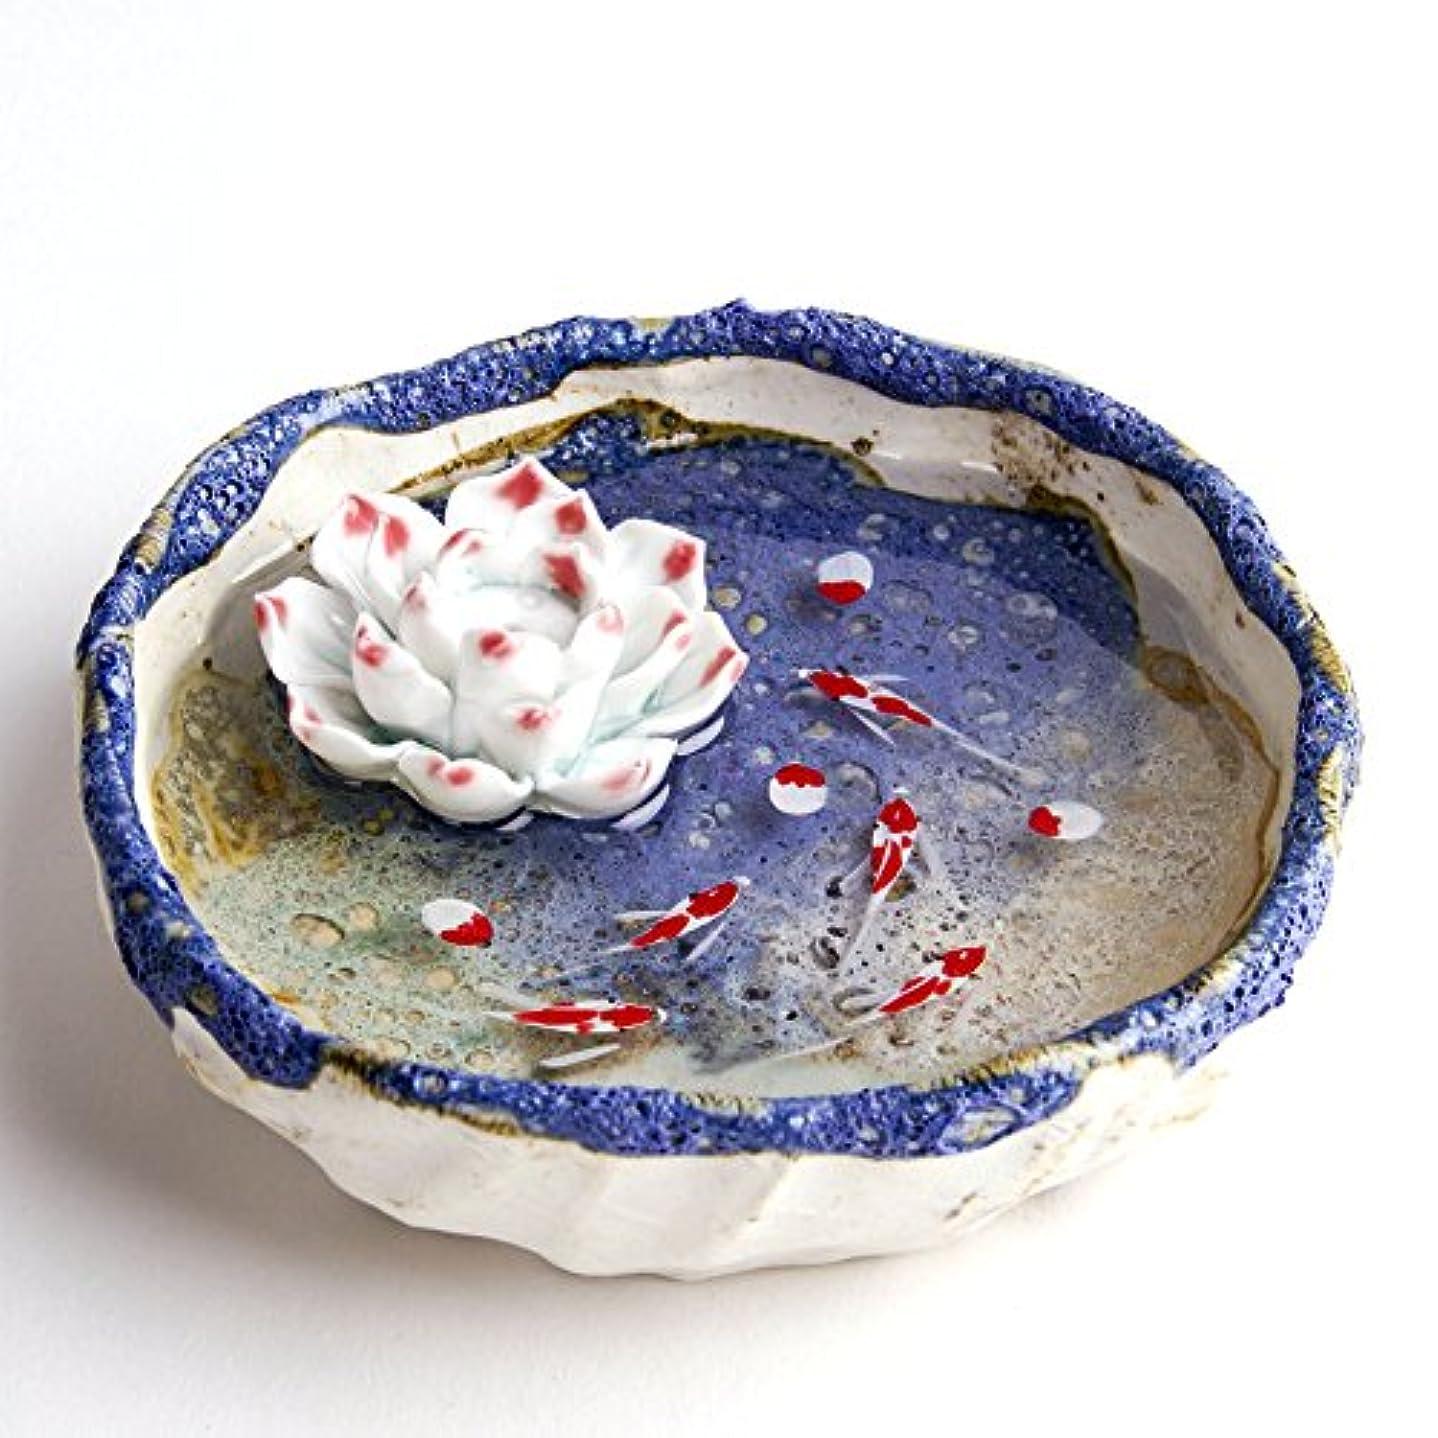 クレーターストレッチ儀式お香立て お香たて 香の器 お香を焚いて 香皿,陶磁器、 ブルー